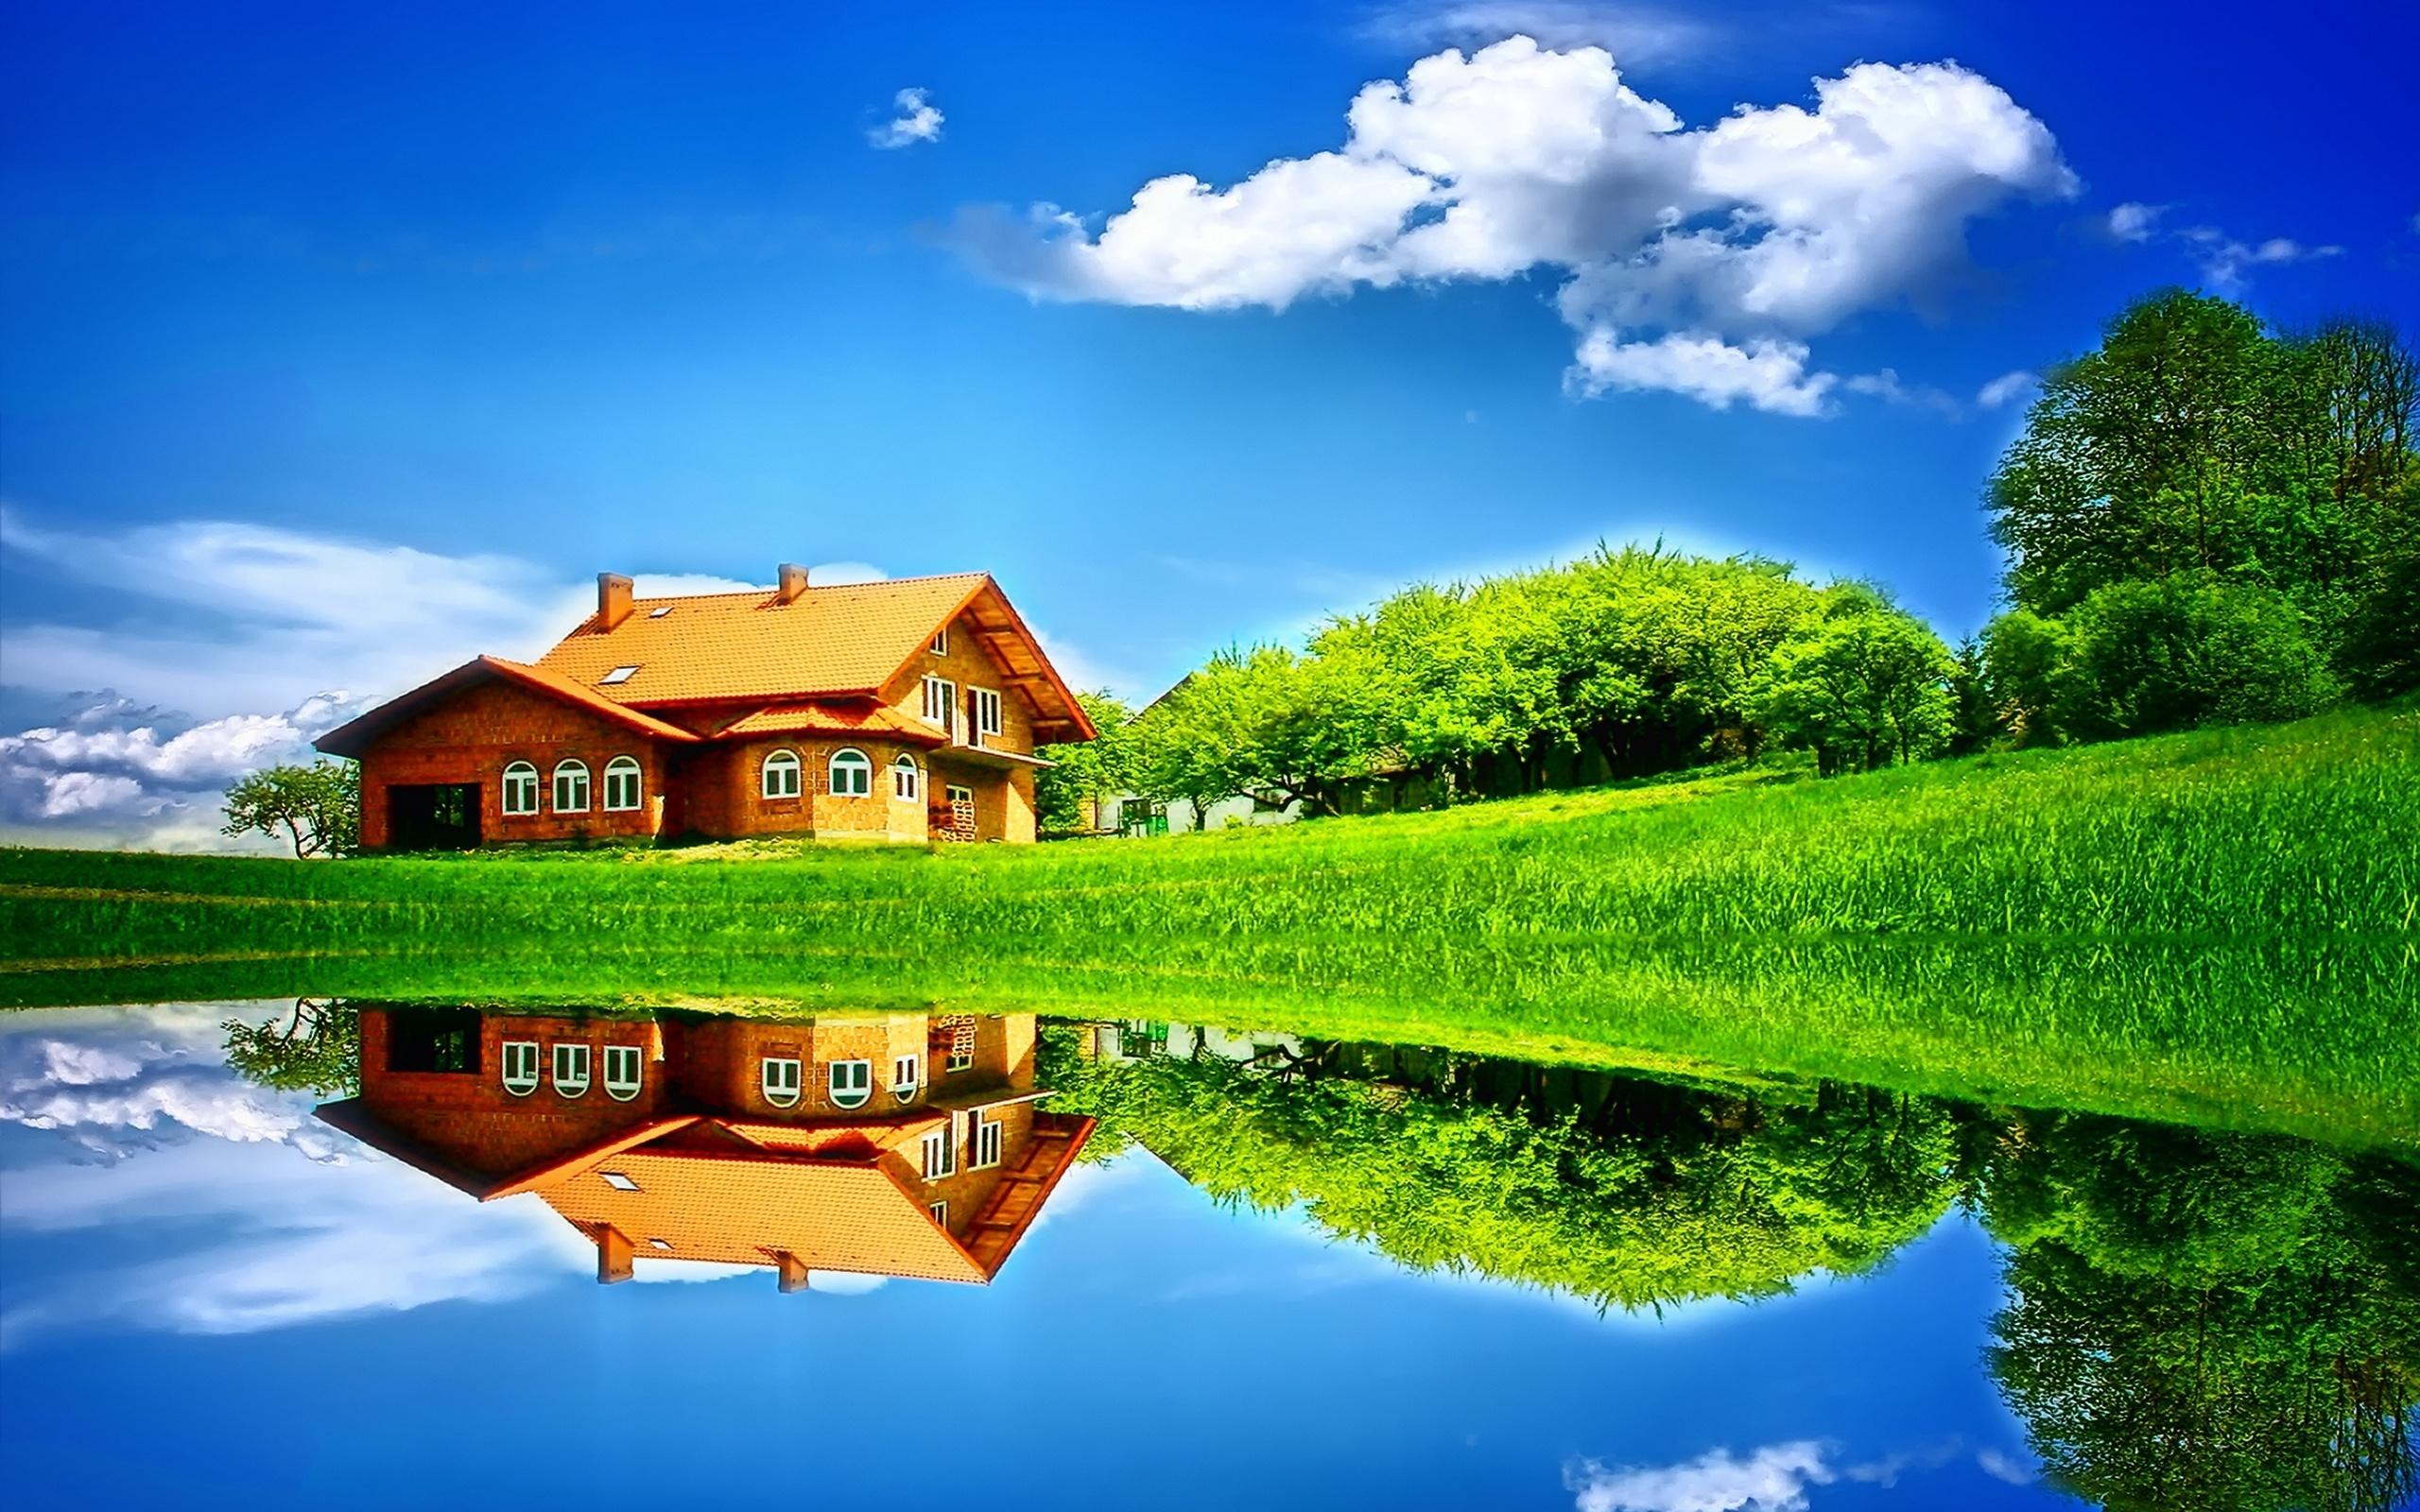 Картинки дом на природе с солнцем, открытка днем